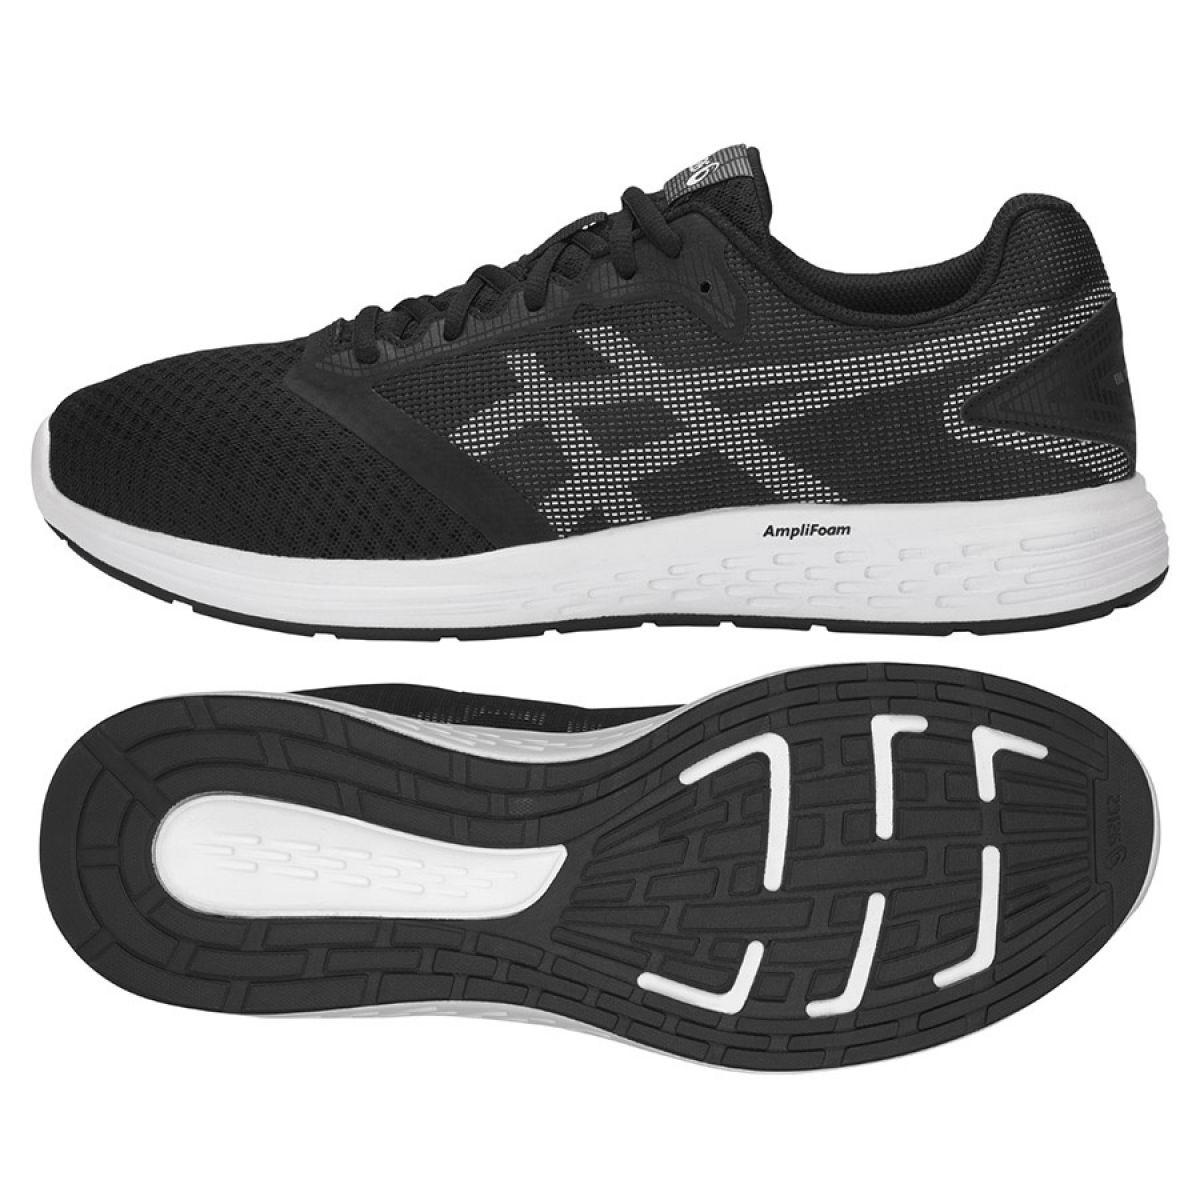 Détails sur Chaussures de running Asics Patriot 10 M 1011A131 002 noir